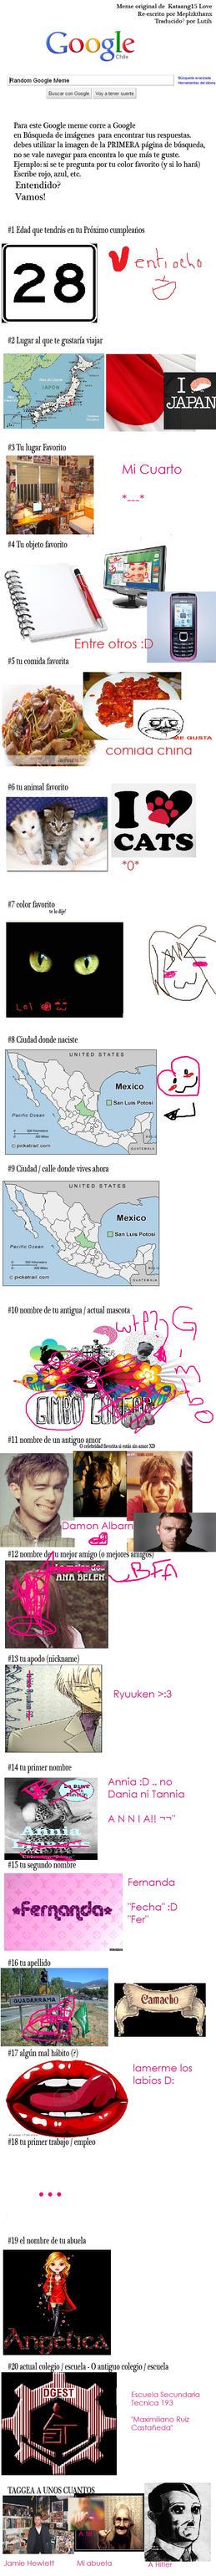 Google Meme Spanish by anniachan